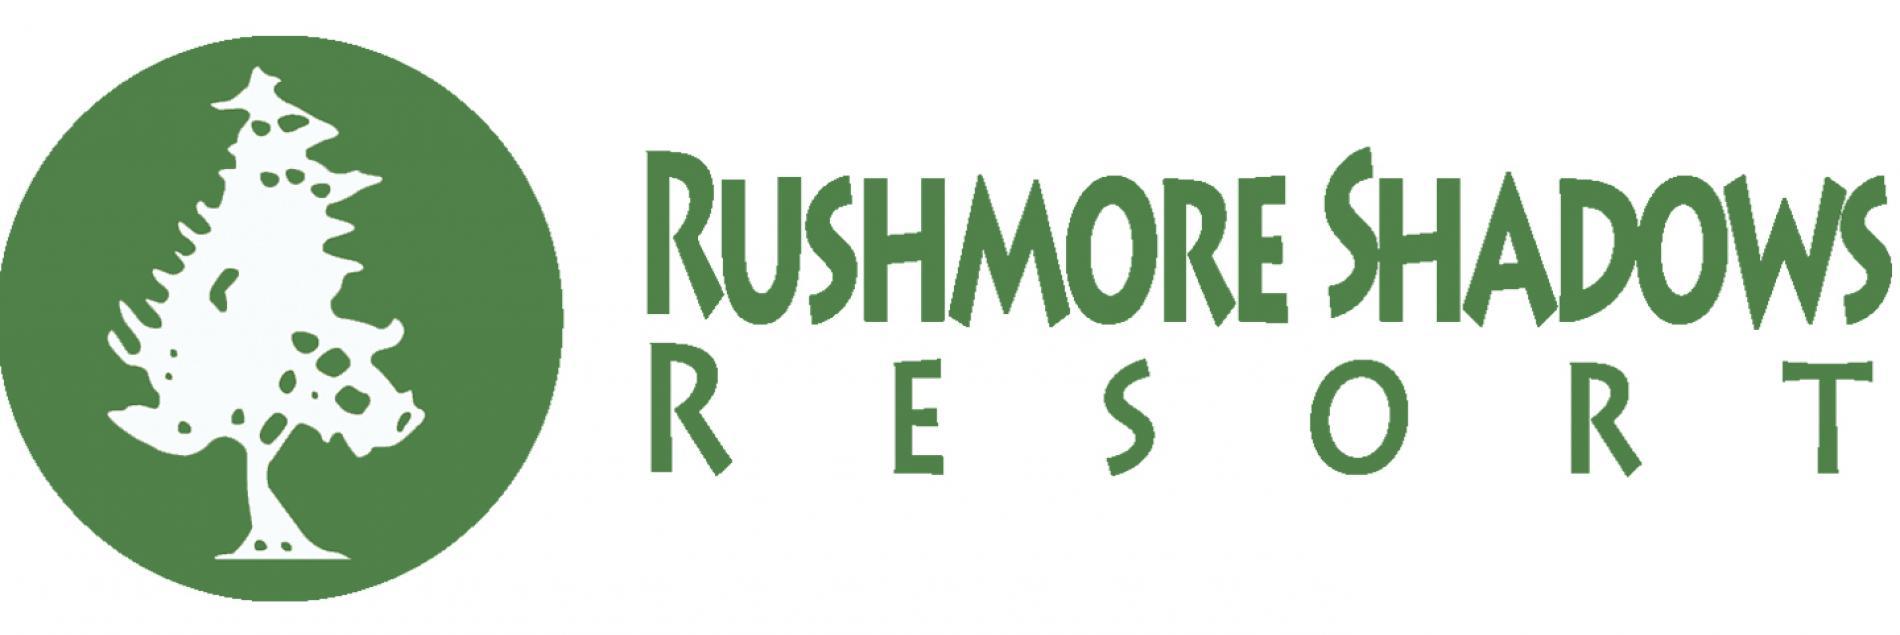 Rushmore Shadows Resort